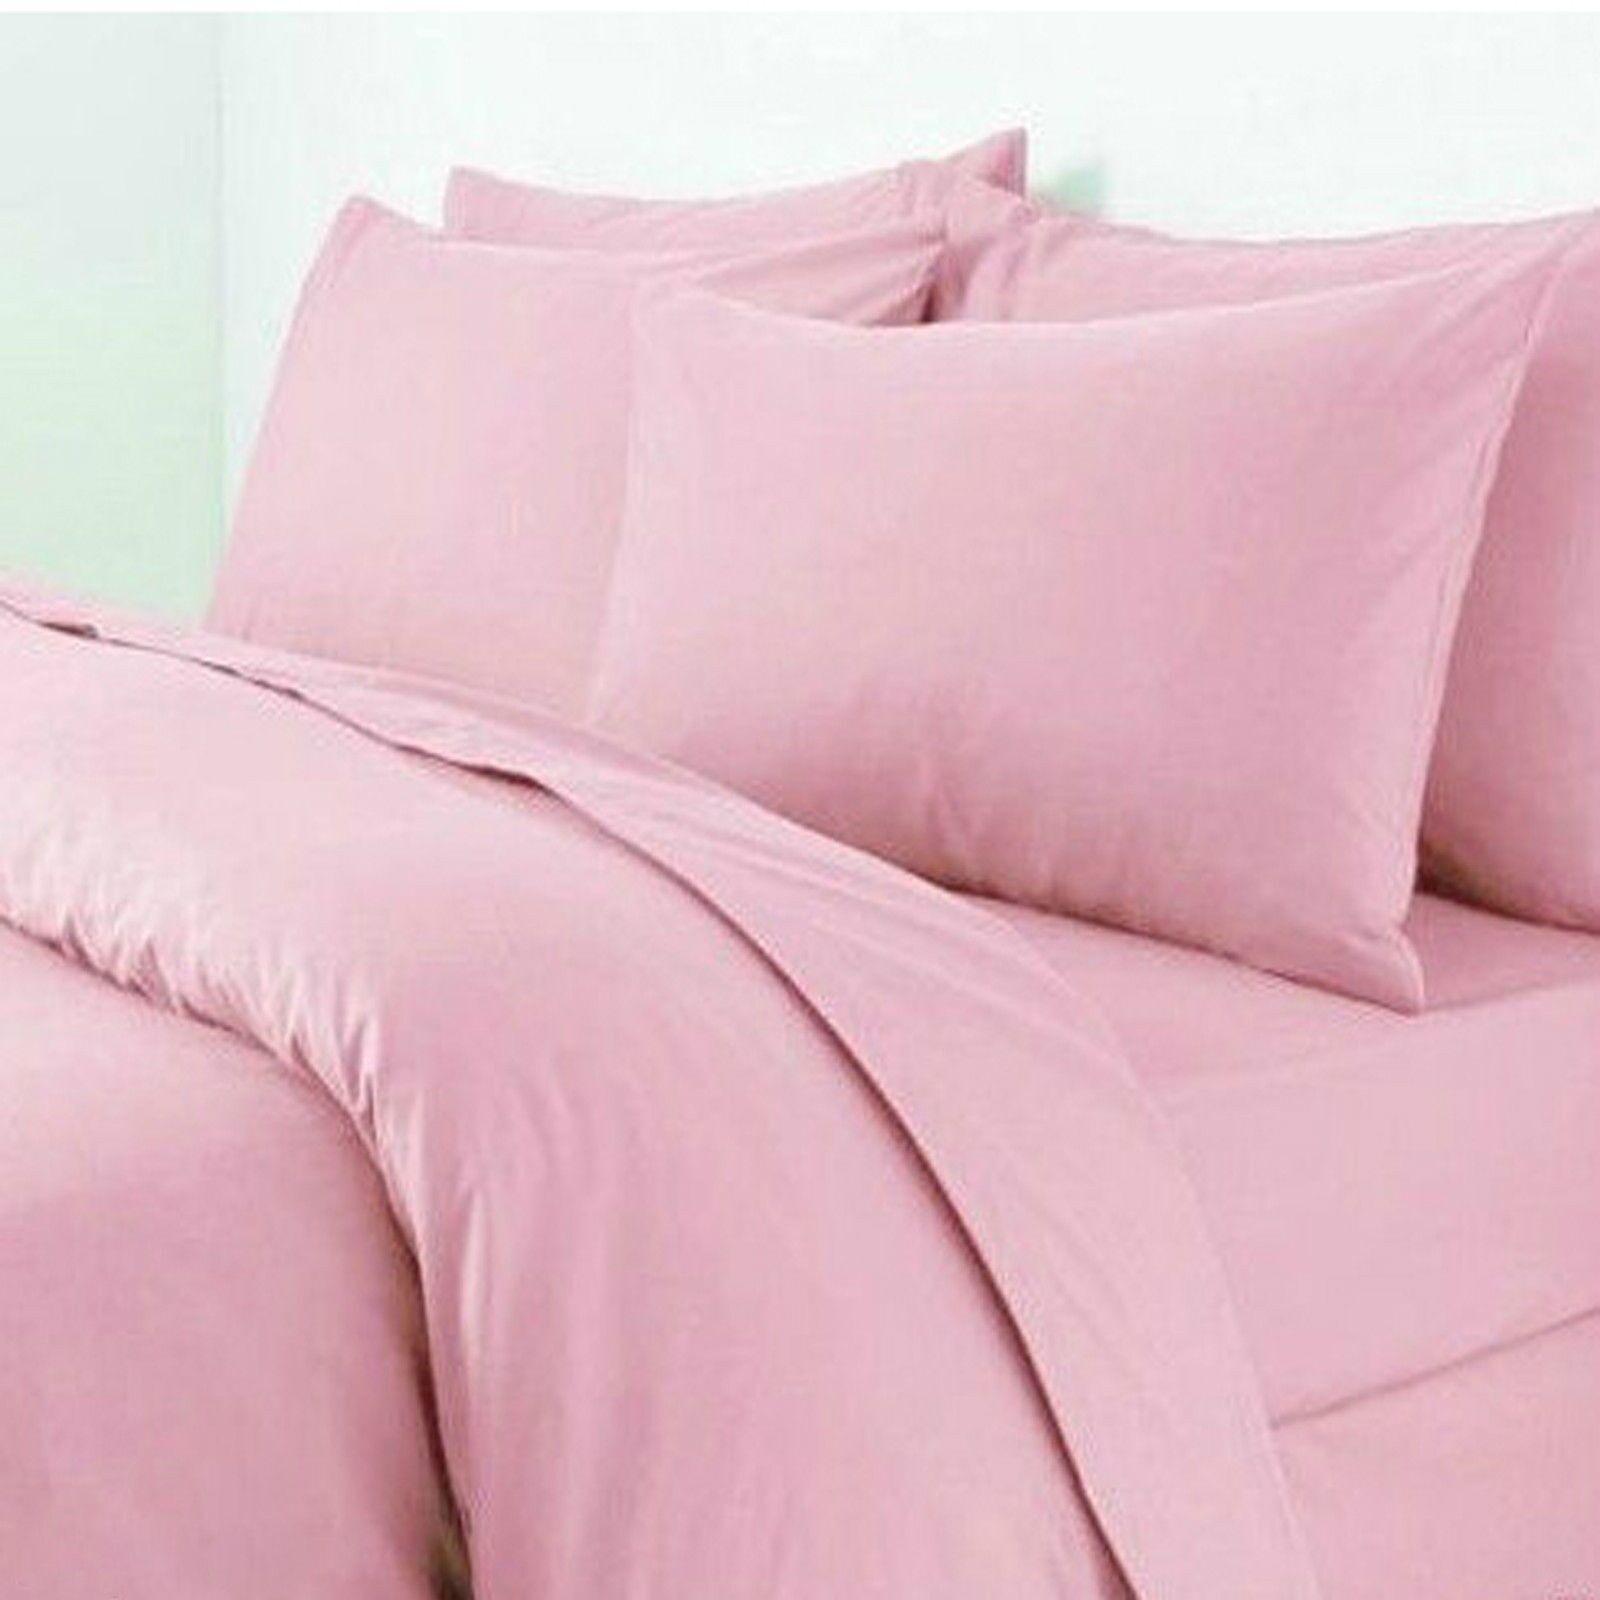 rosa Set t200 100% cotone egiziano Set rosa Piumone Lenzuolo Federe per Cuscini Biancheria Da Letto d6d64e